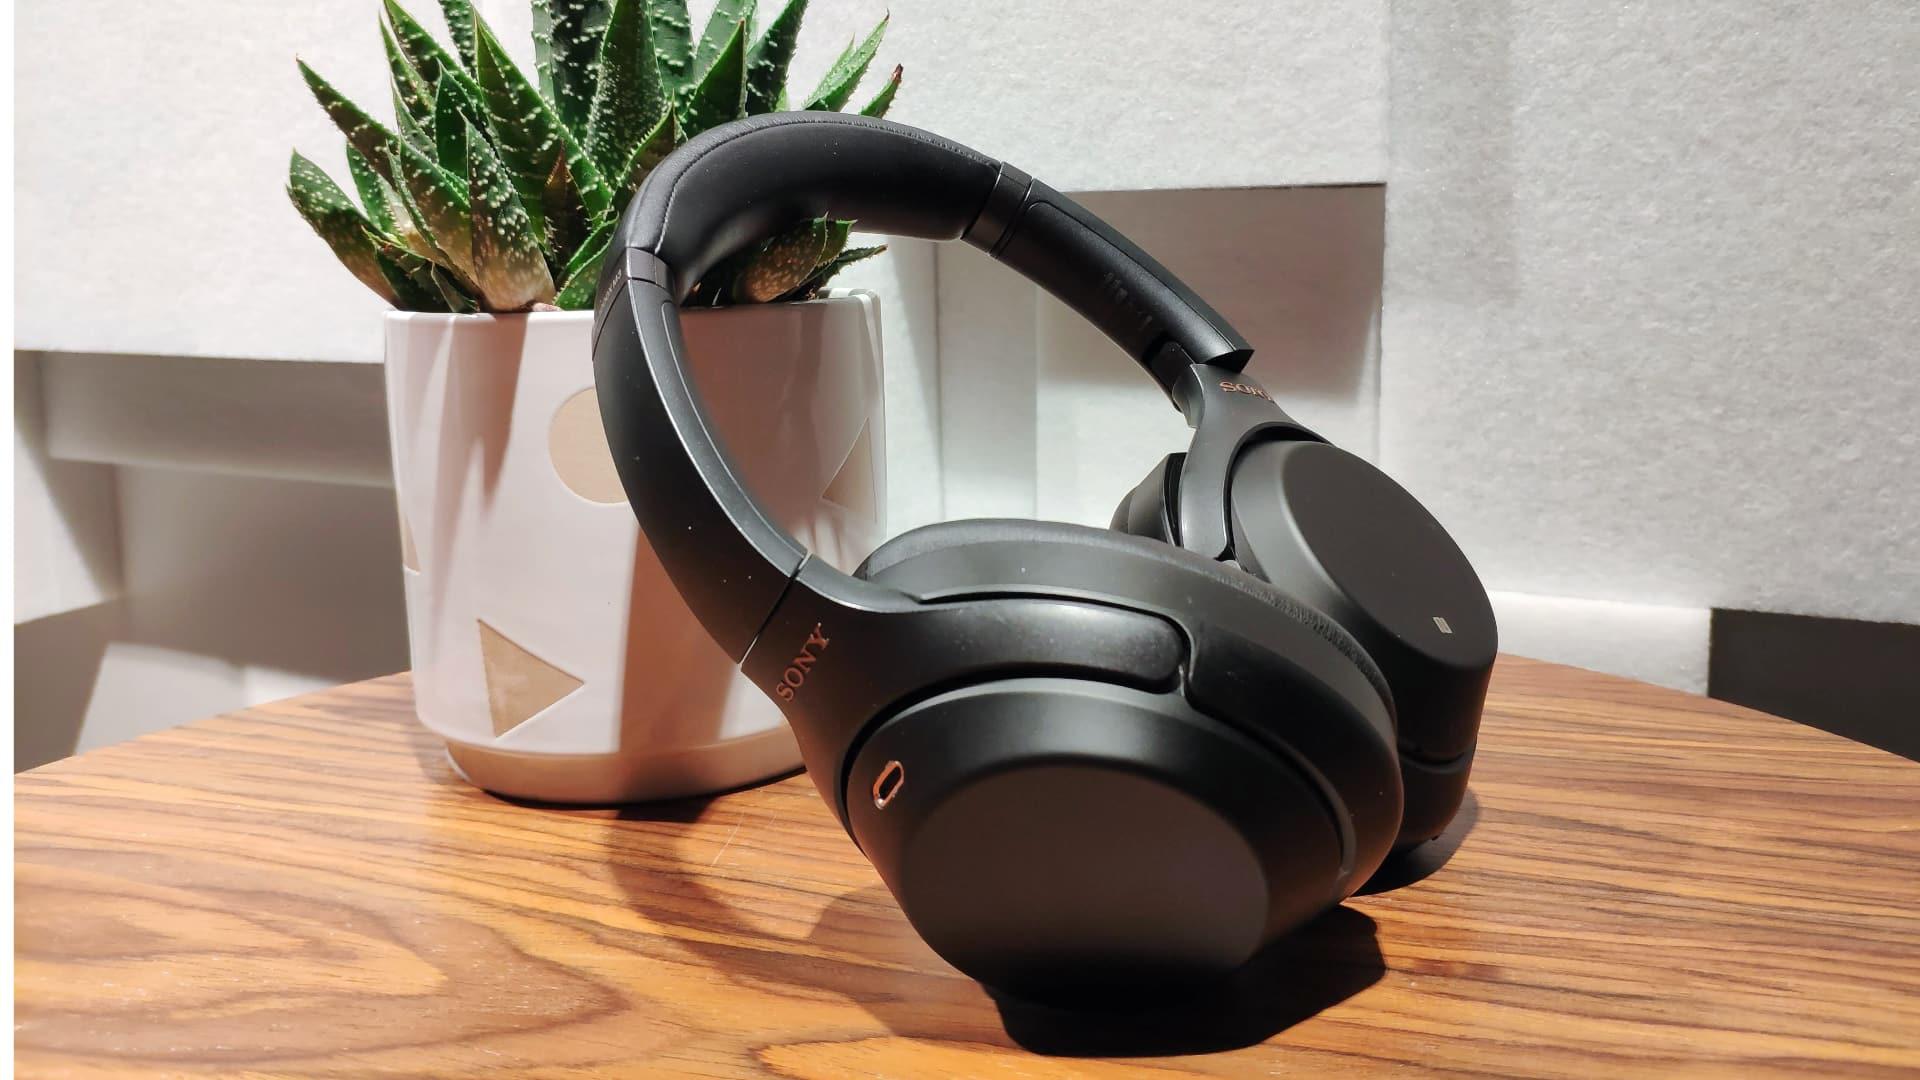 Billede af høretelefonerne på et flot bord - Sony 1000XM3